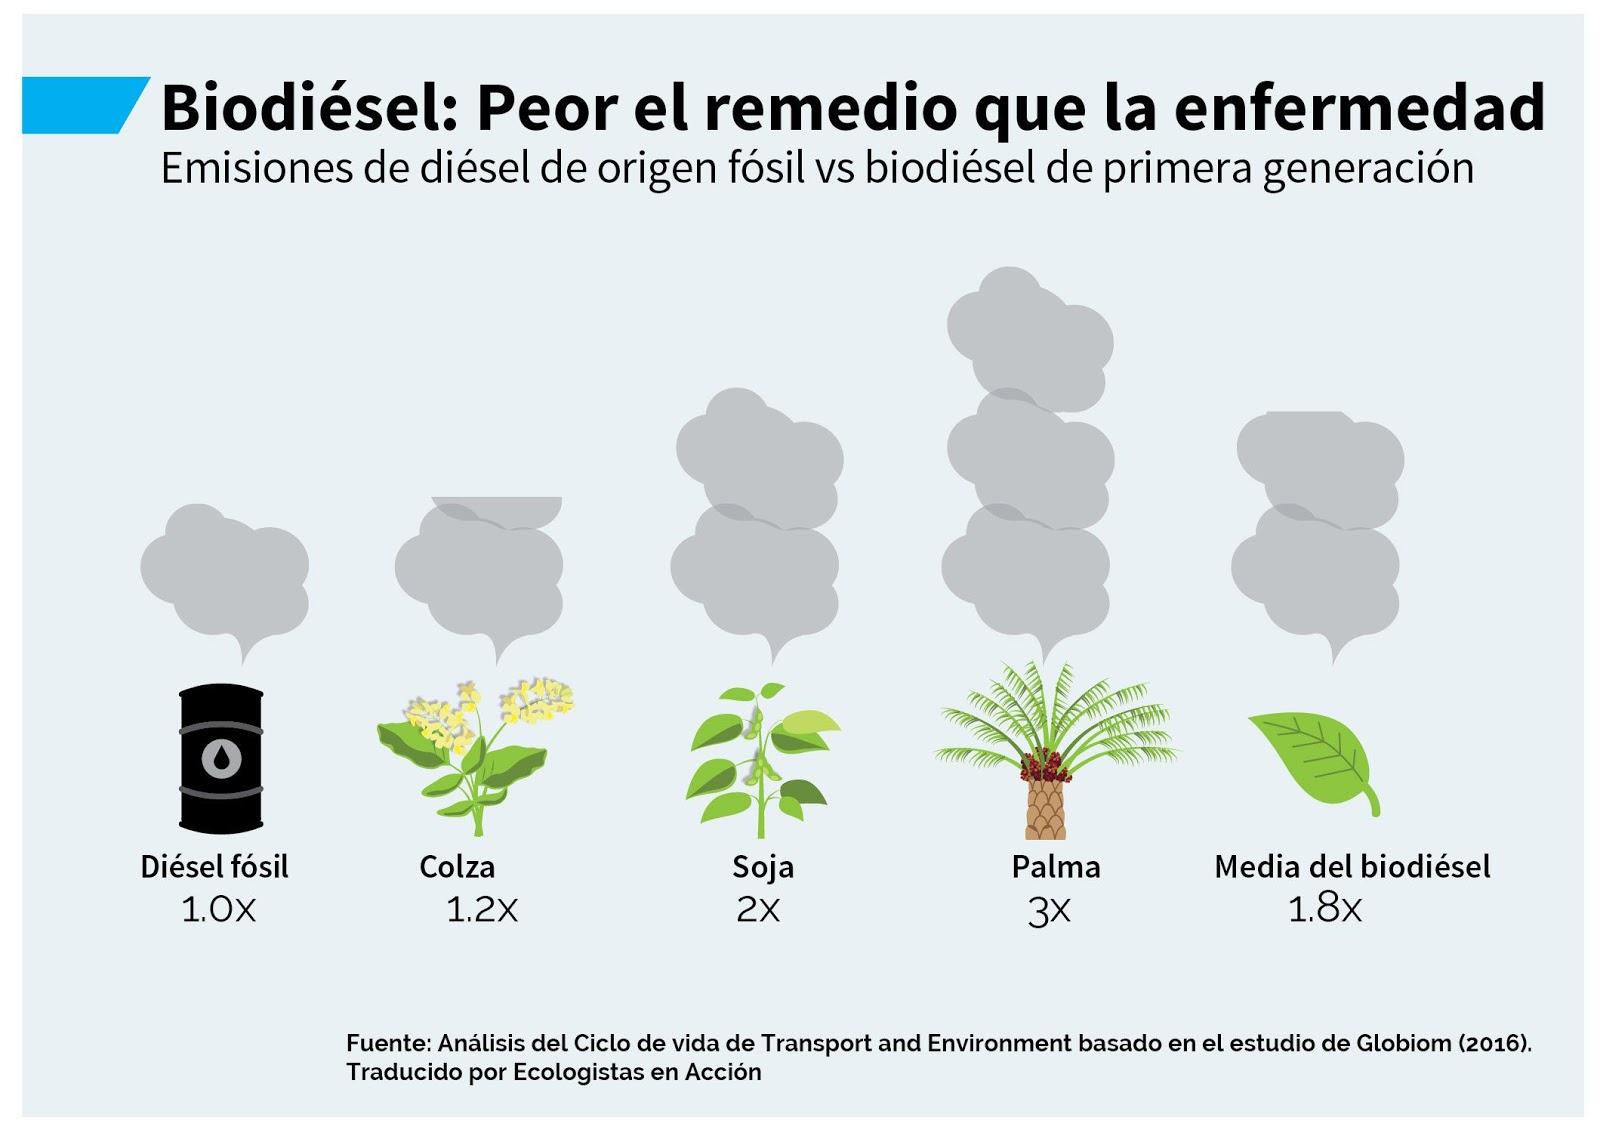 Del BiodiéselEmisiones De La Oropéndola Impacto SostenibleEl 12 xBeCordW